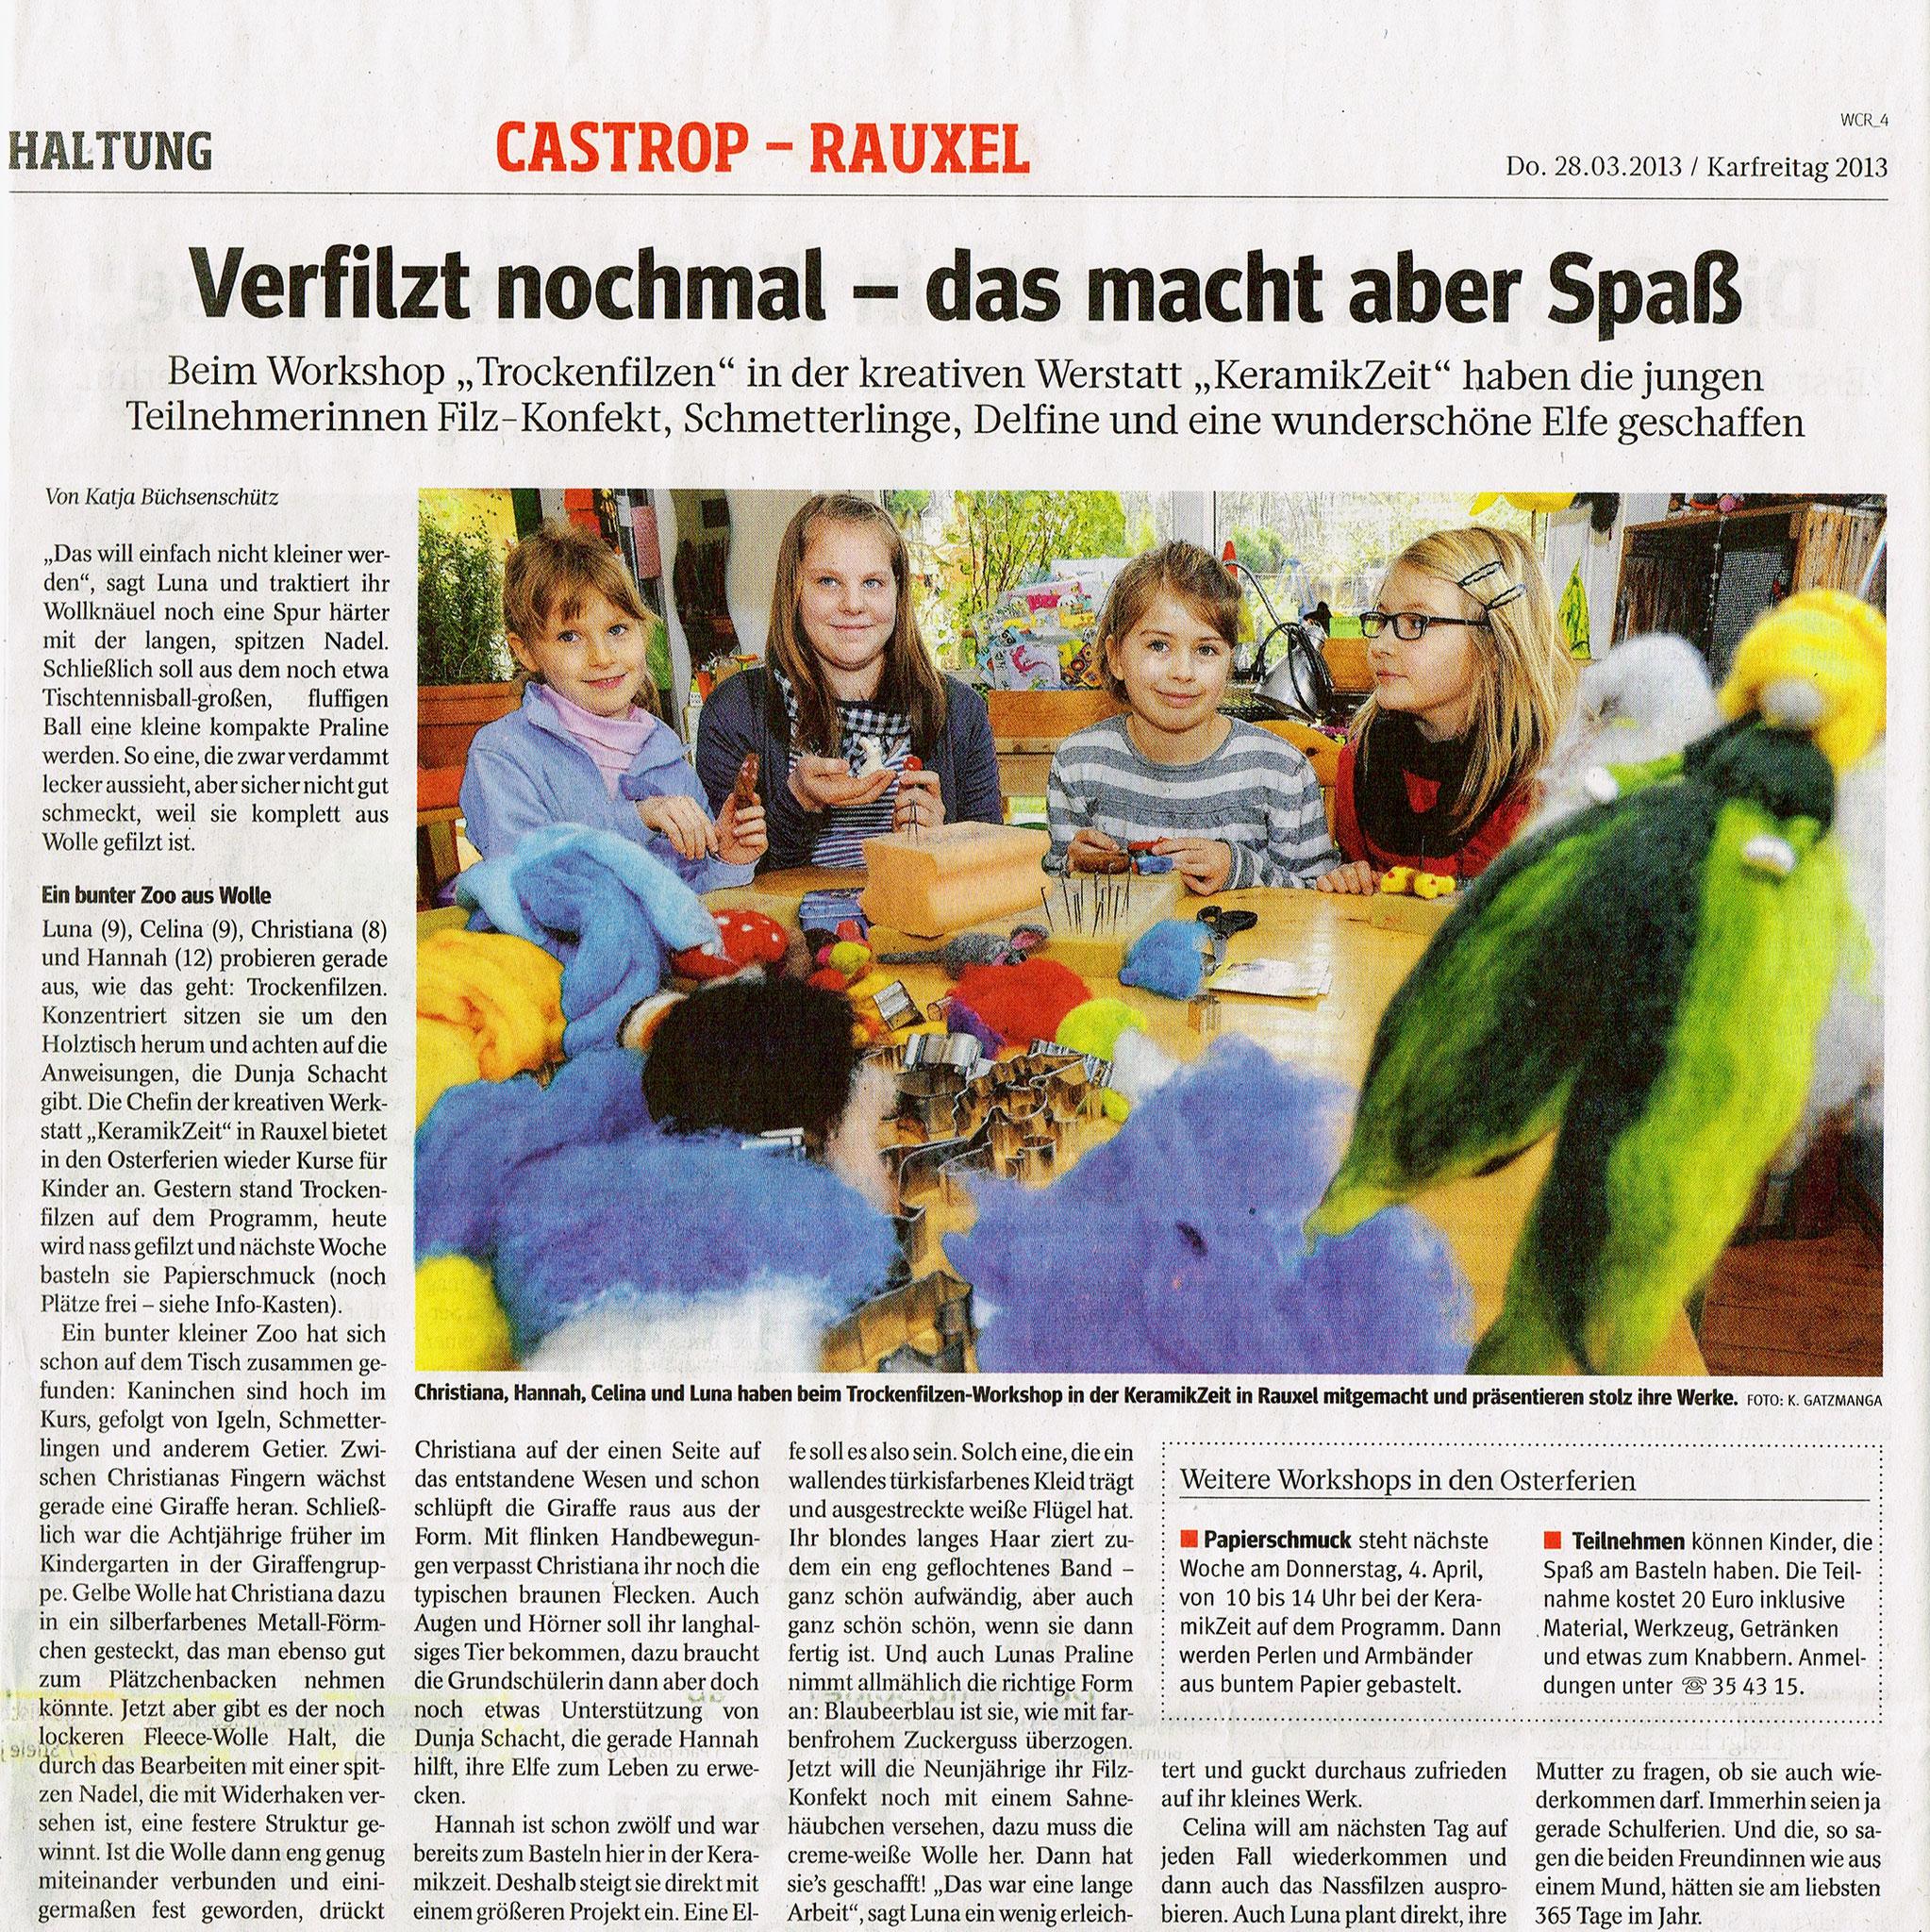 Osterfrienprogramm 2013 in der KeramikZeit. (Quelle: WAZ vom 28.03.2013)